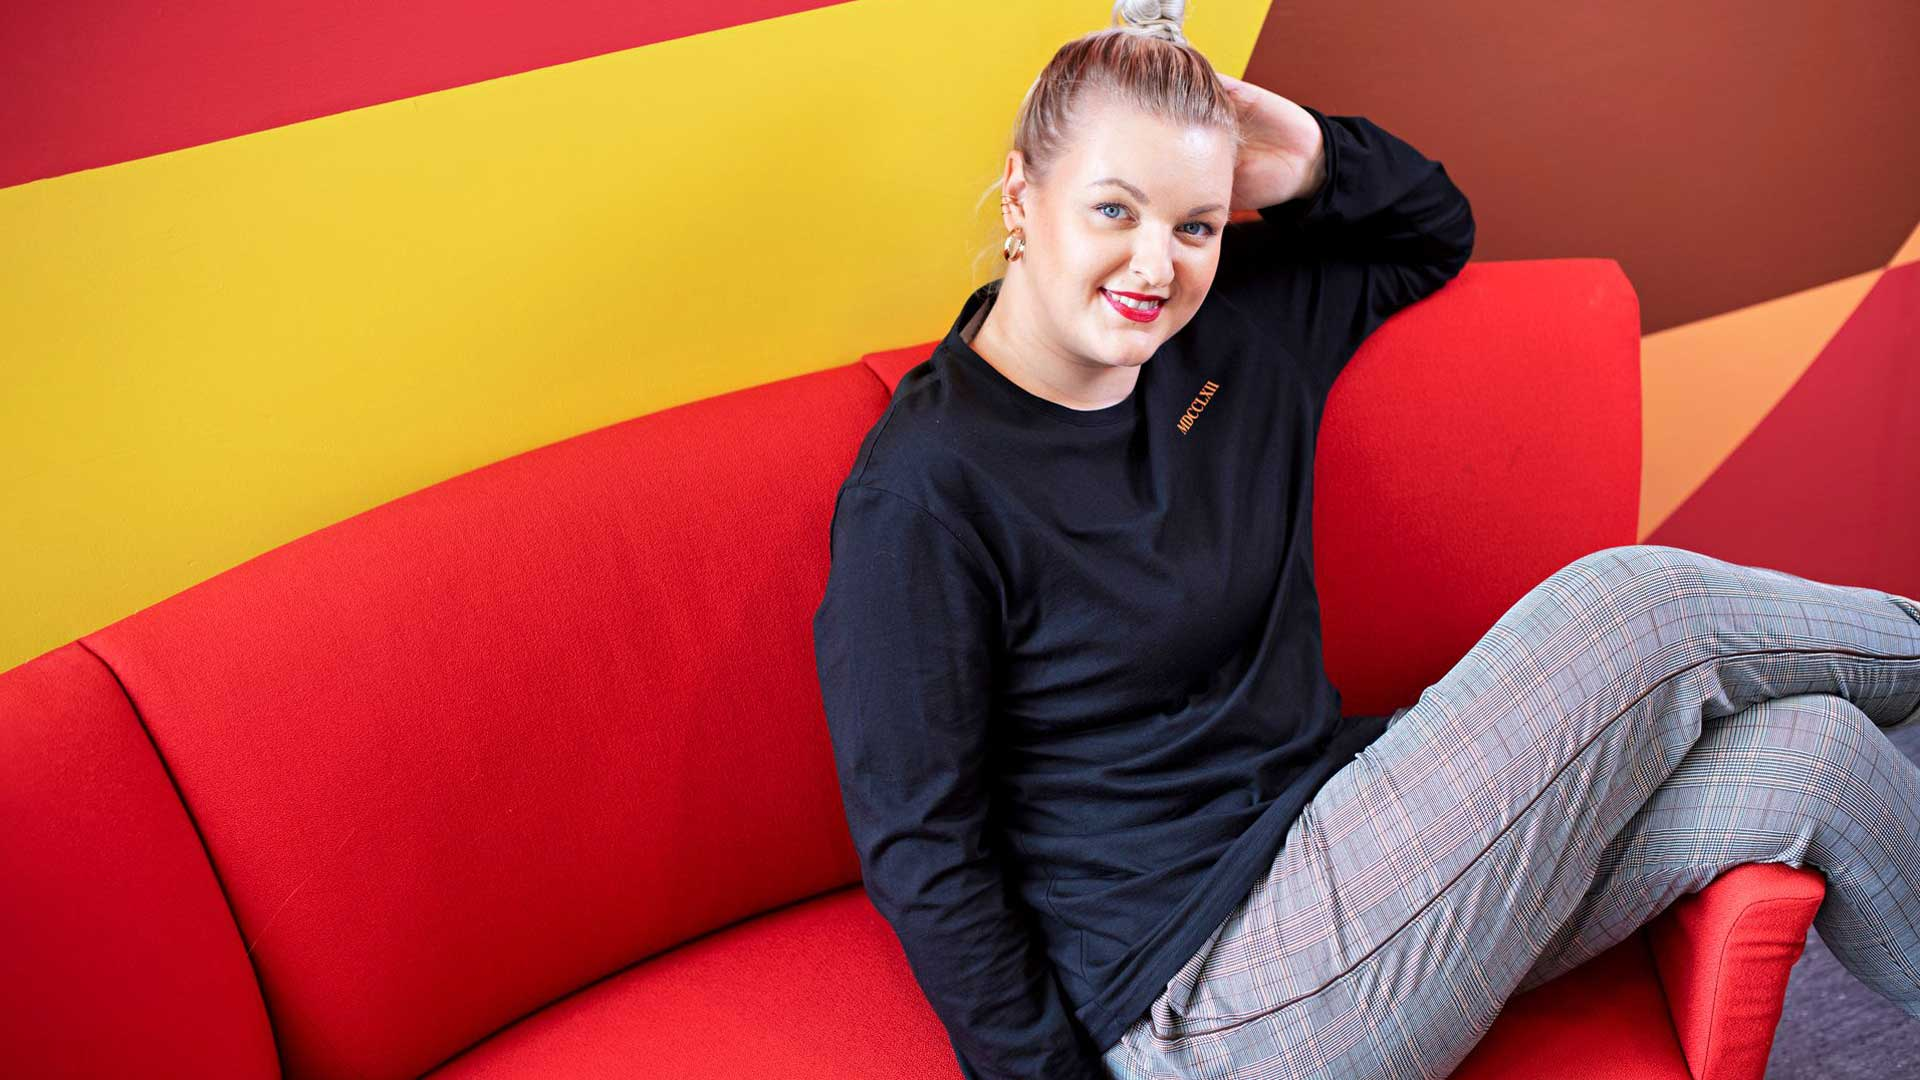 Jenni Poikelus on radiotoimittaja, televisioesiintyjä ja käsikirjoittaja